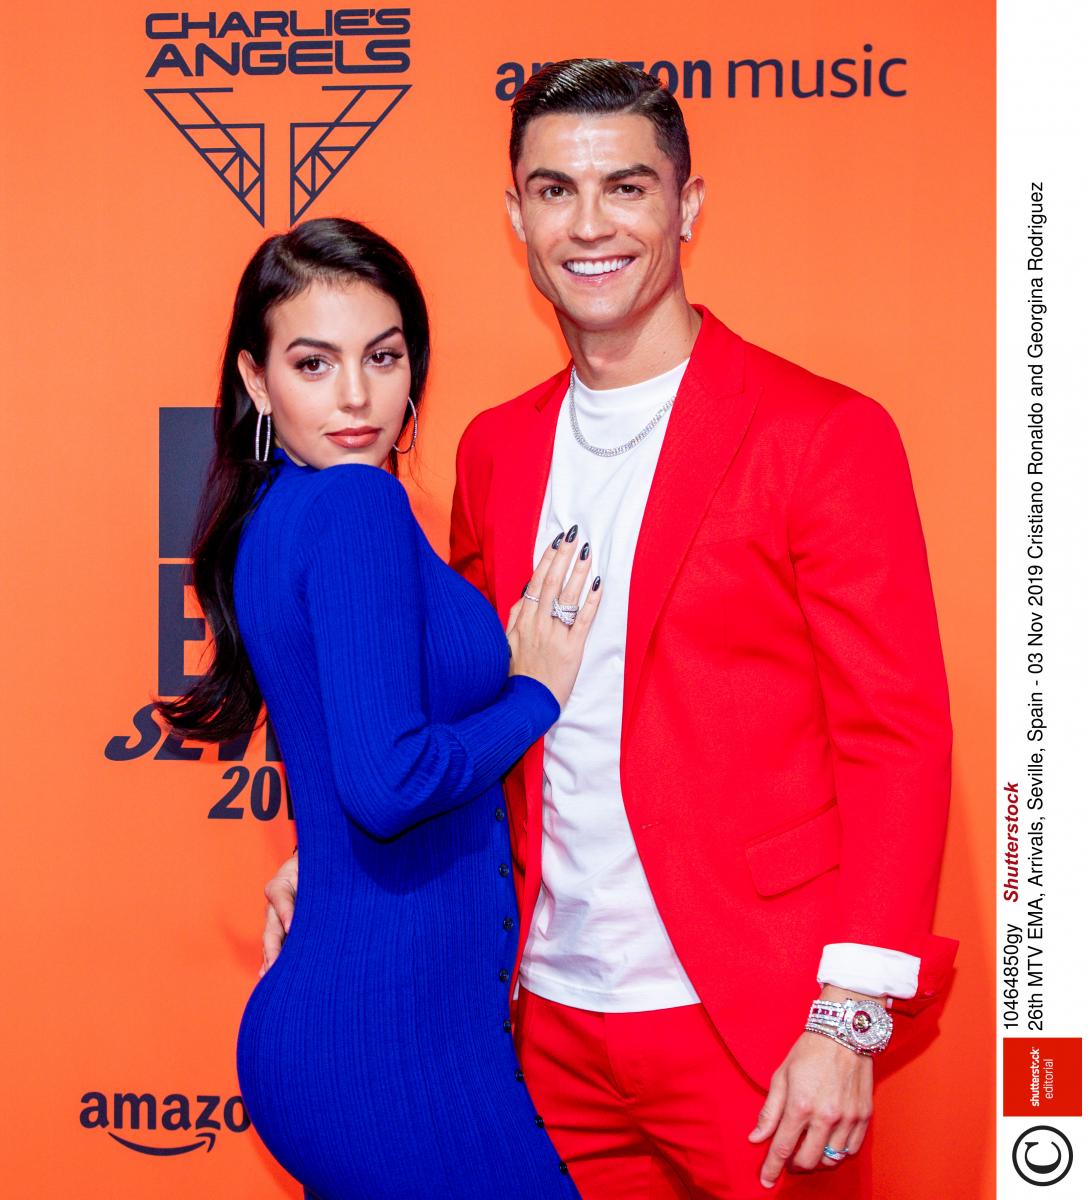 【結婚】クリスティアーノ・ロナウド(34)がジョルジーナ・ロドリゲス(25)との結婚を視野に入れていると話したのは、今年9月。彼女とは「友人同士のように何でも話せる間柄」だそう。数多くの美女と浮名を流してきたプレイボーイをここまで惚れさせたジョールジーナに拍手!